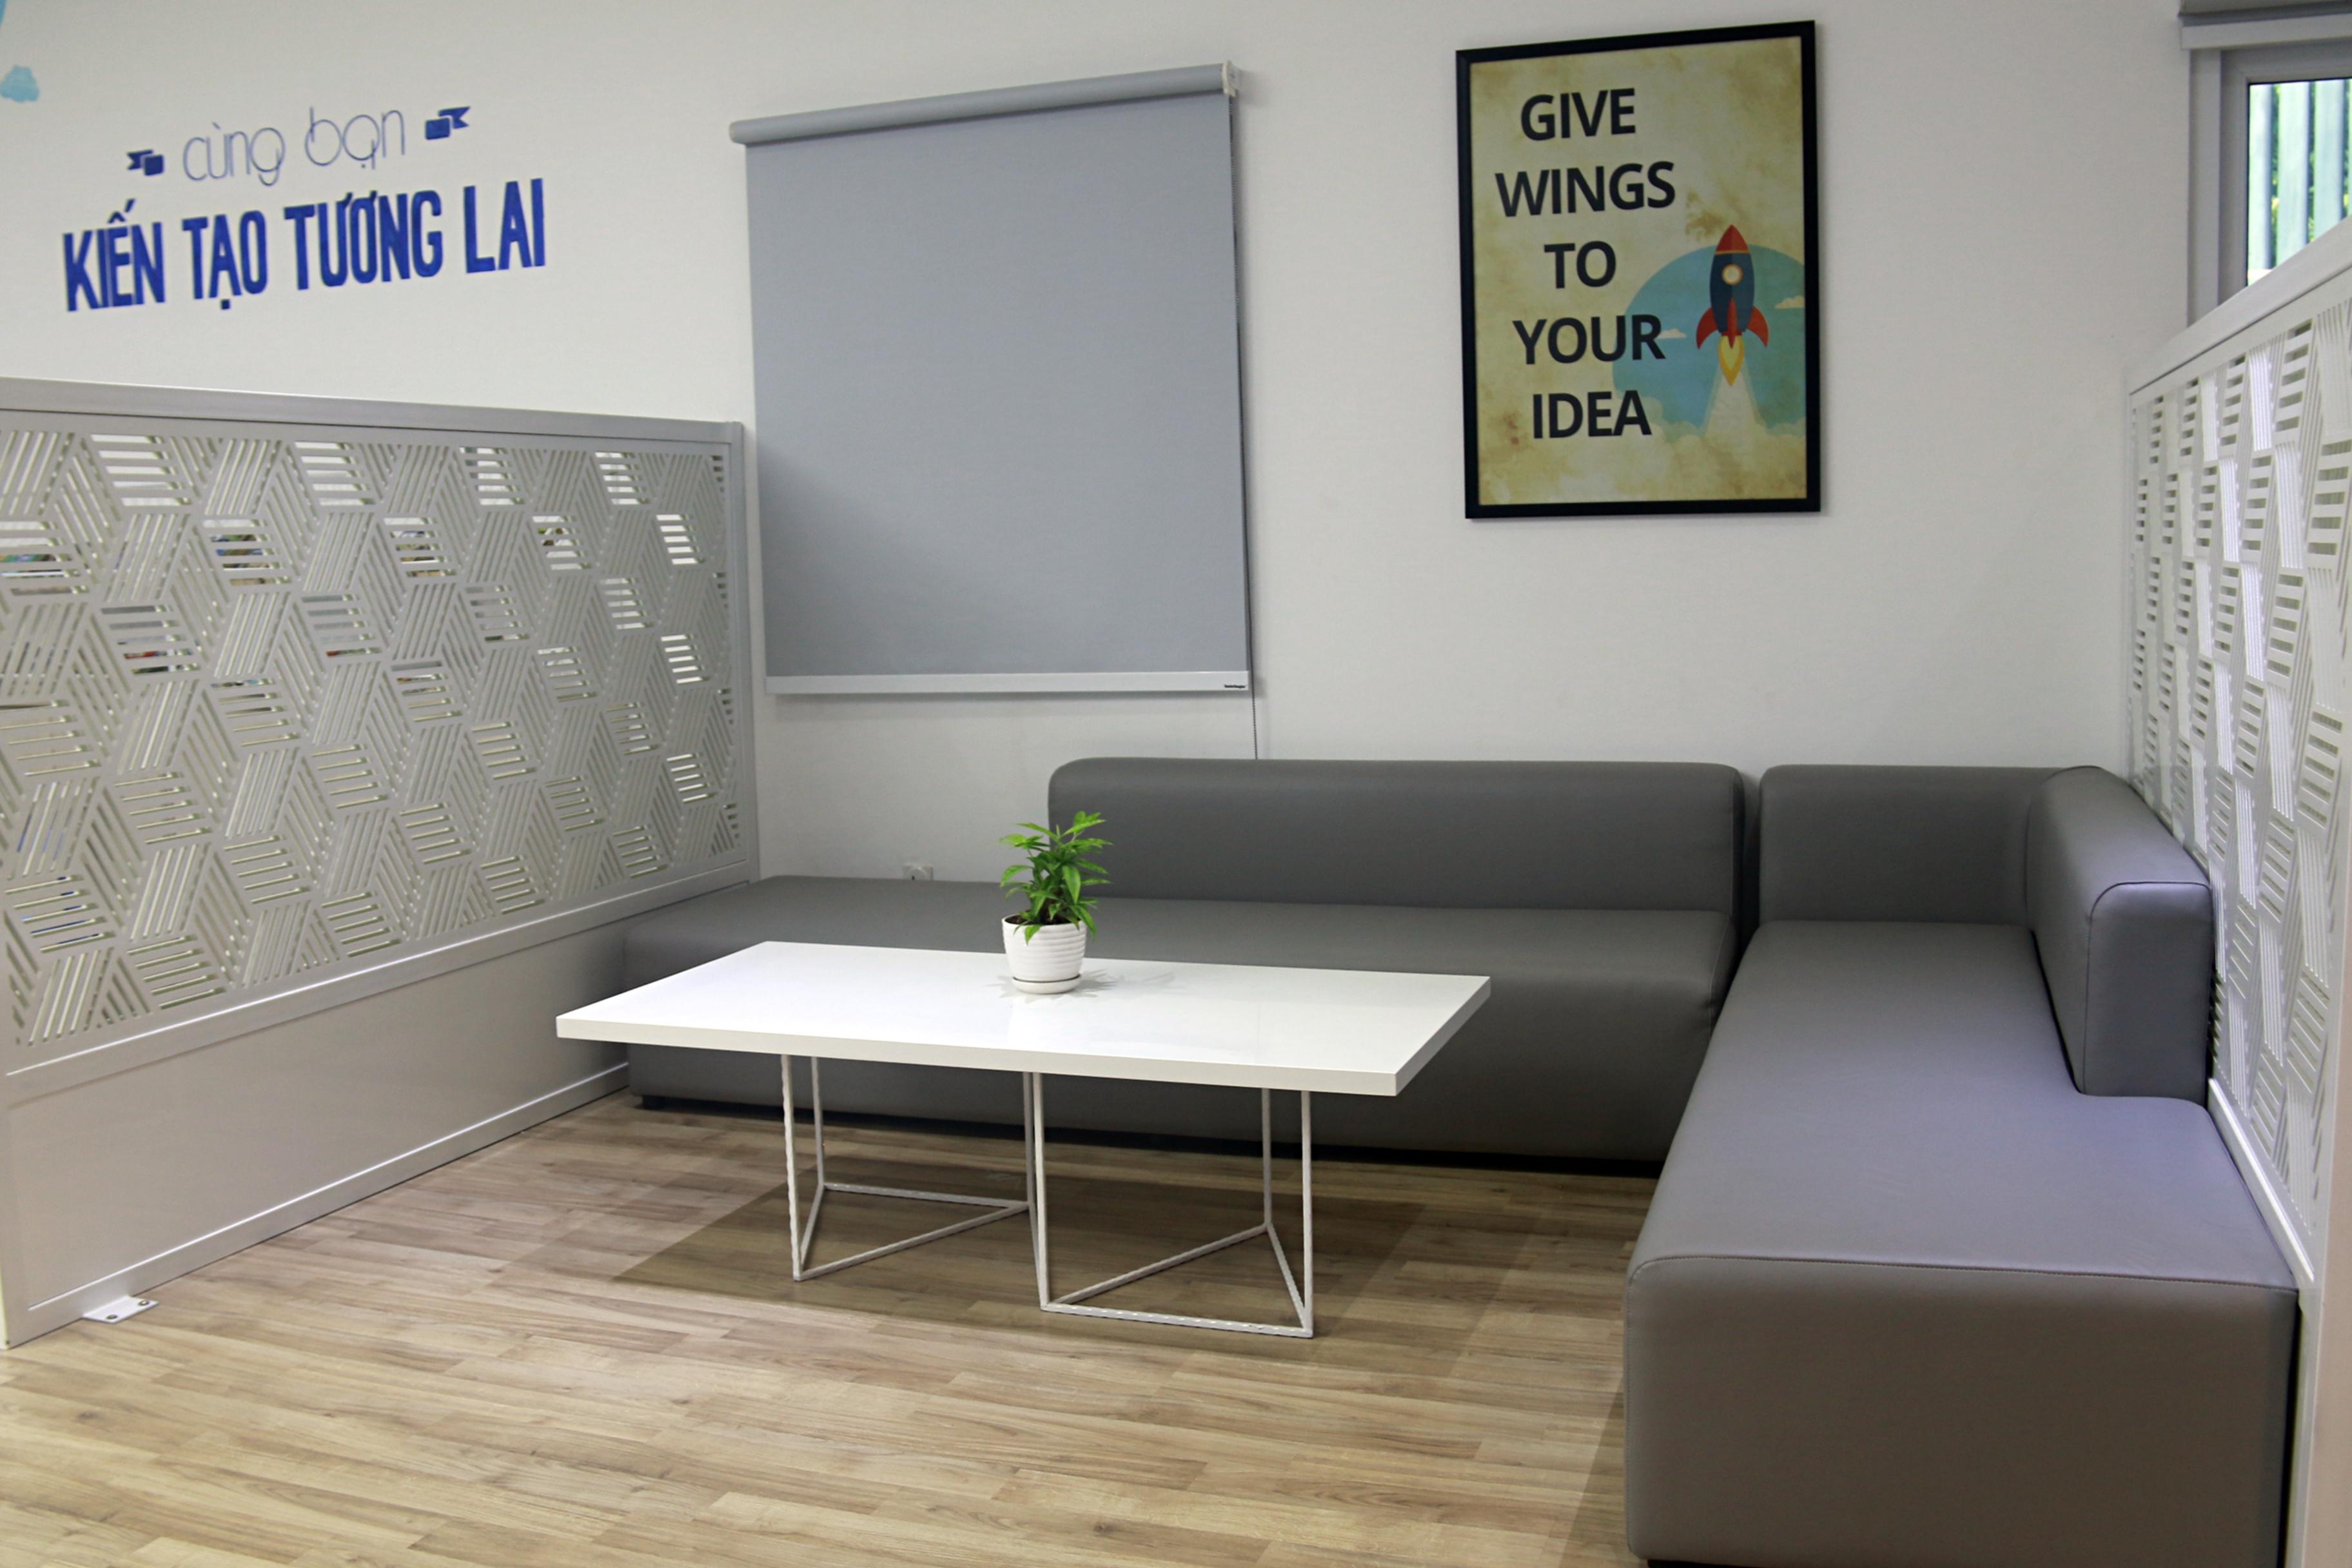 S.hub - không gian chia sẻ tri thức cực hot dành cho giới trẻ Đà Nẵng - Ảnh 9.